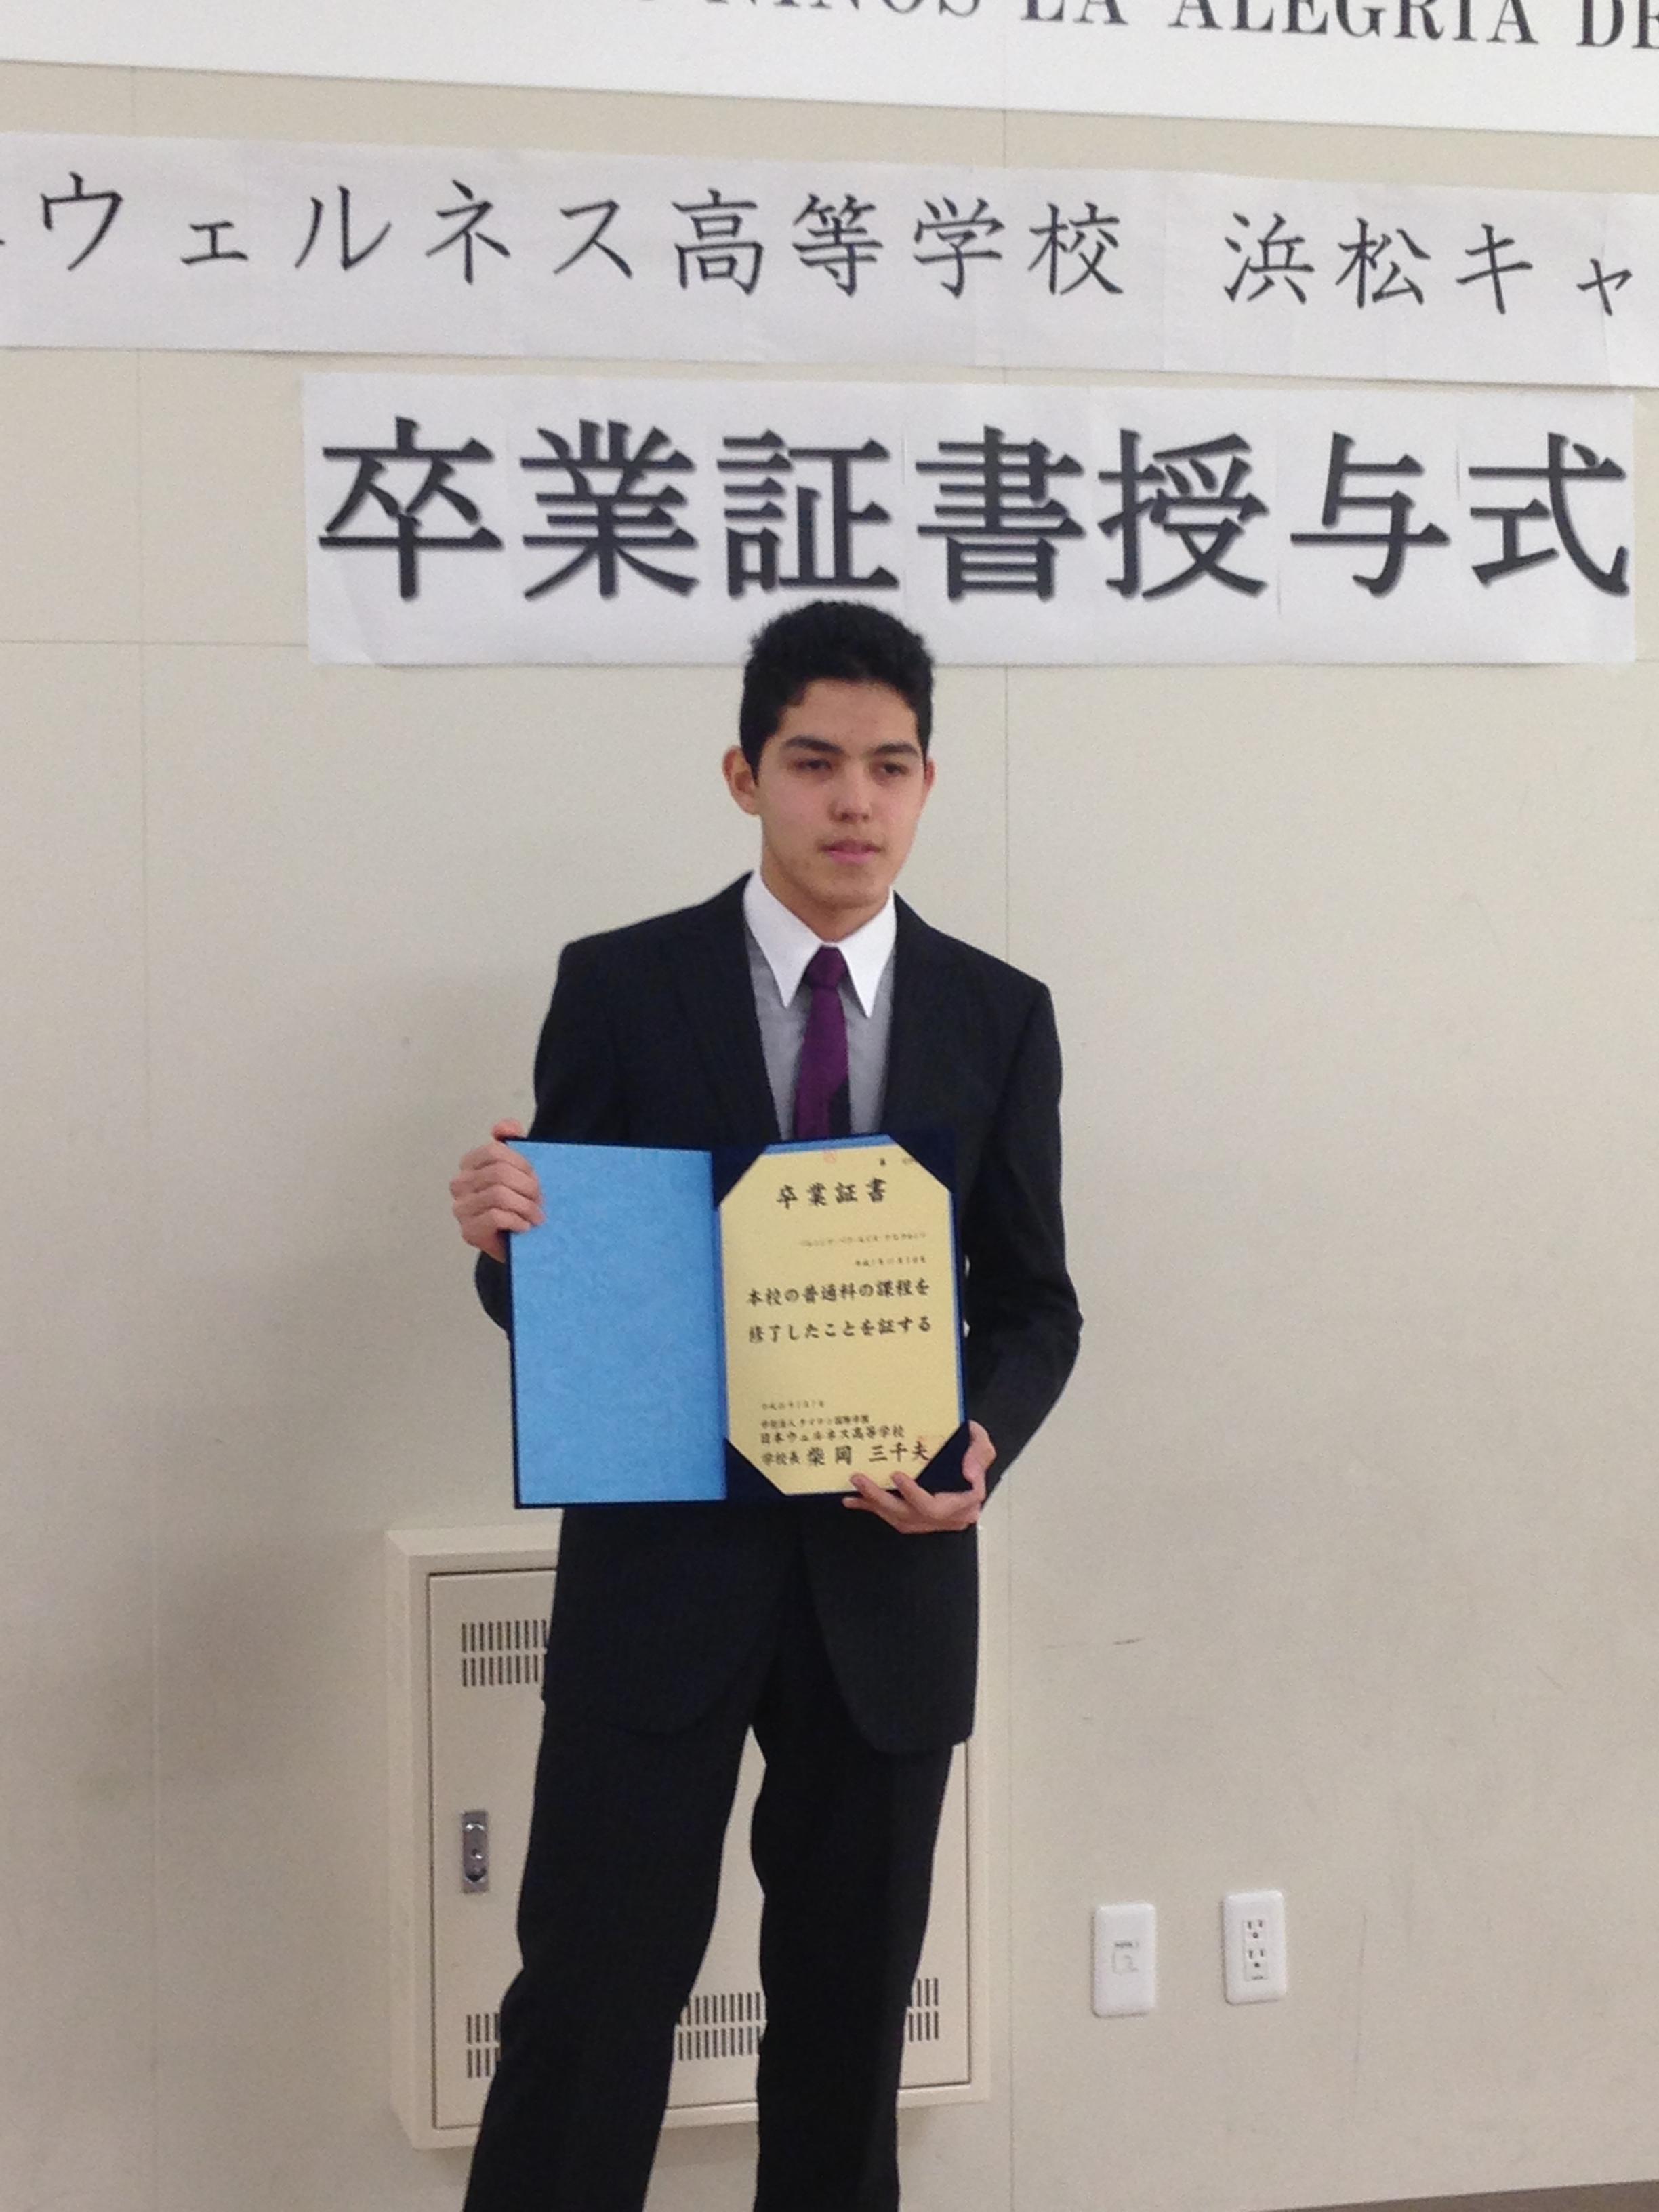 高校 日本 ウェルネス